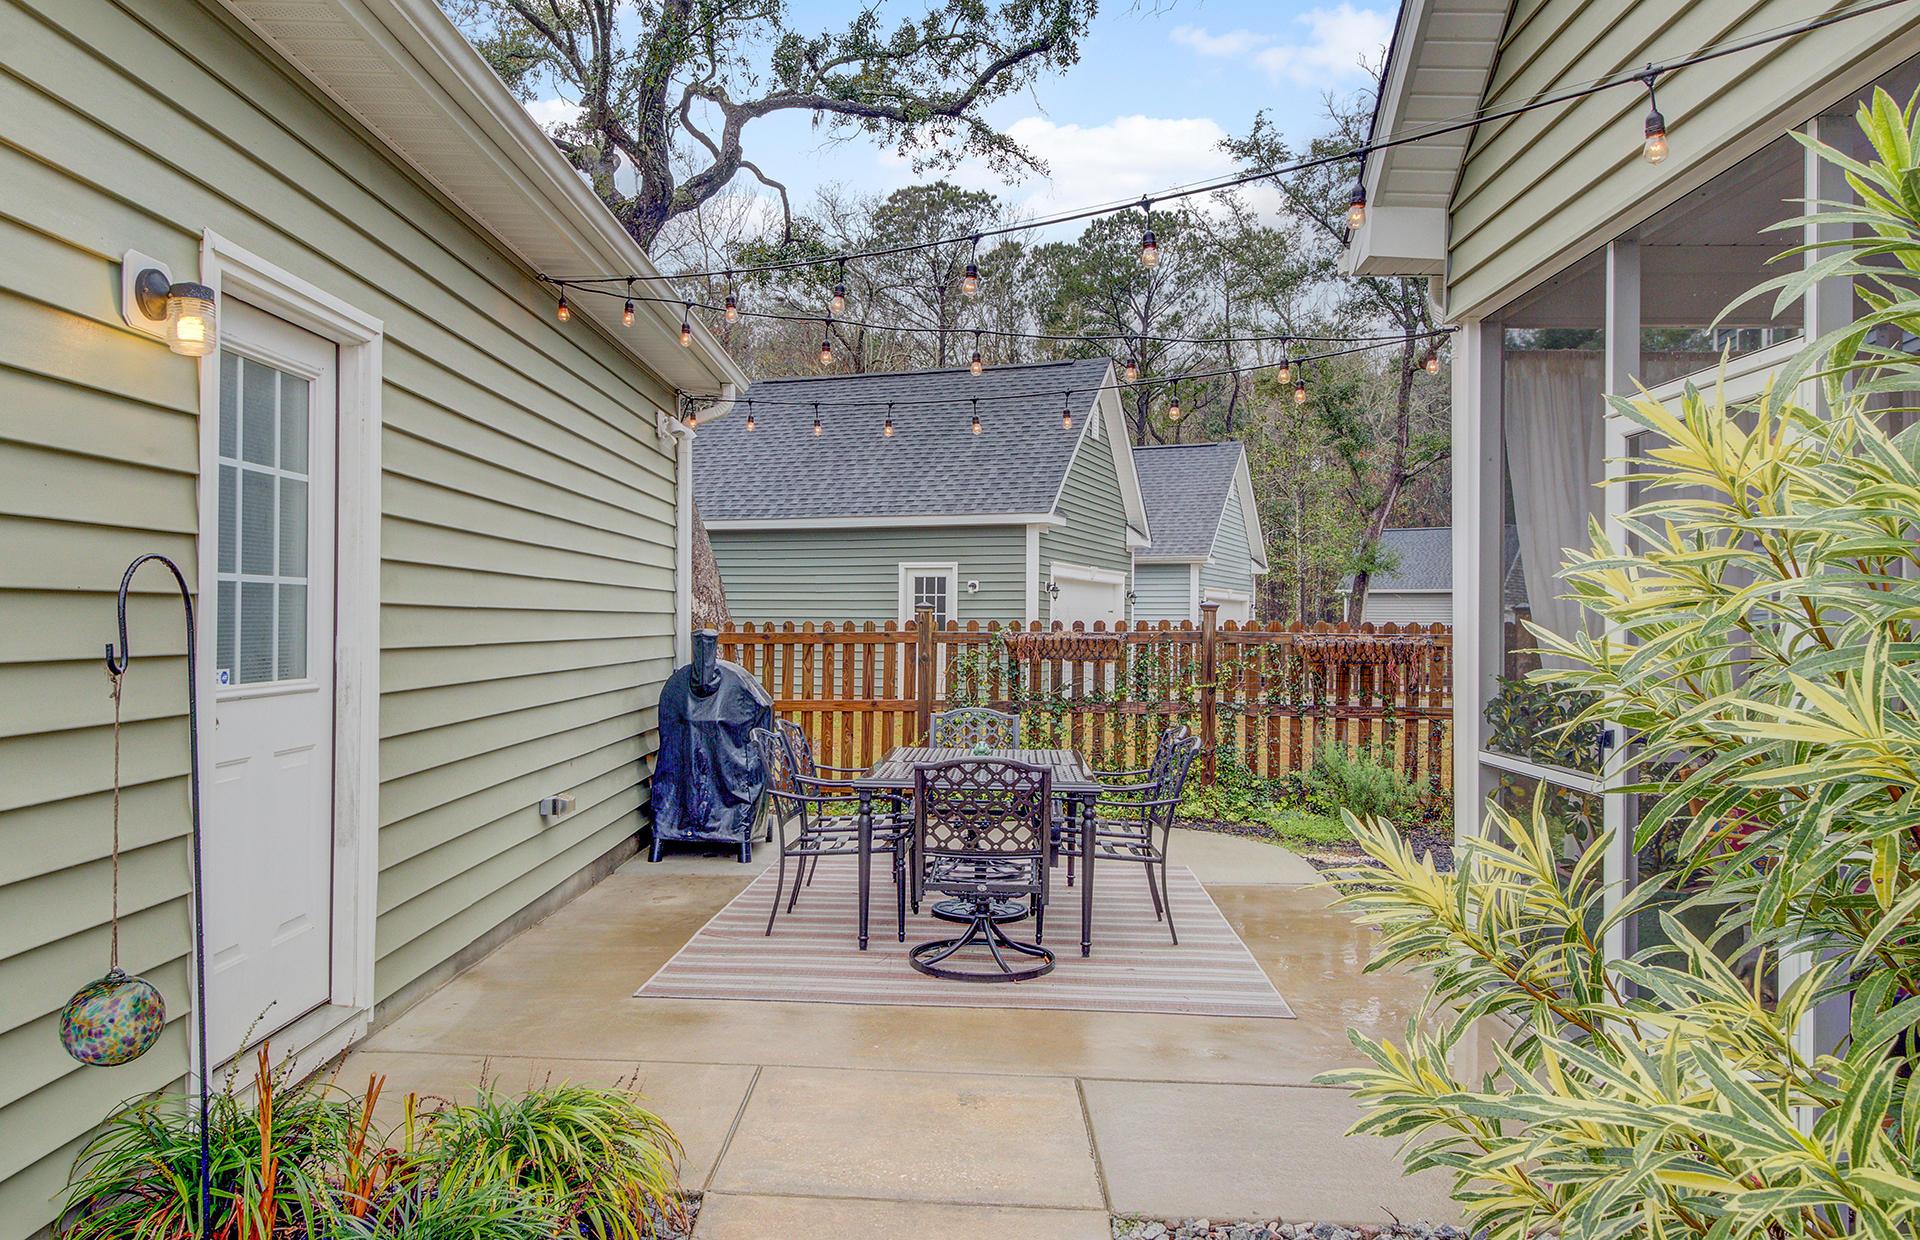 Boltons Landing Homes For Sale - 3143 Moonlight, Charleston, SC - 4